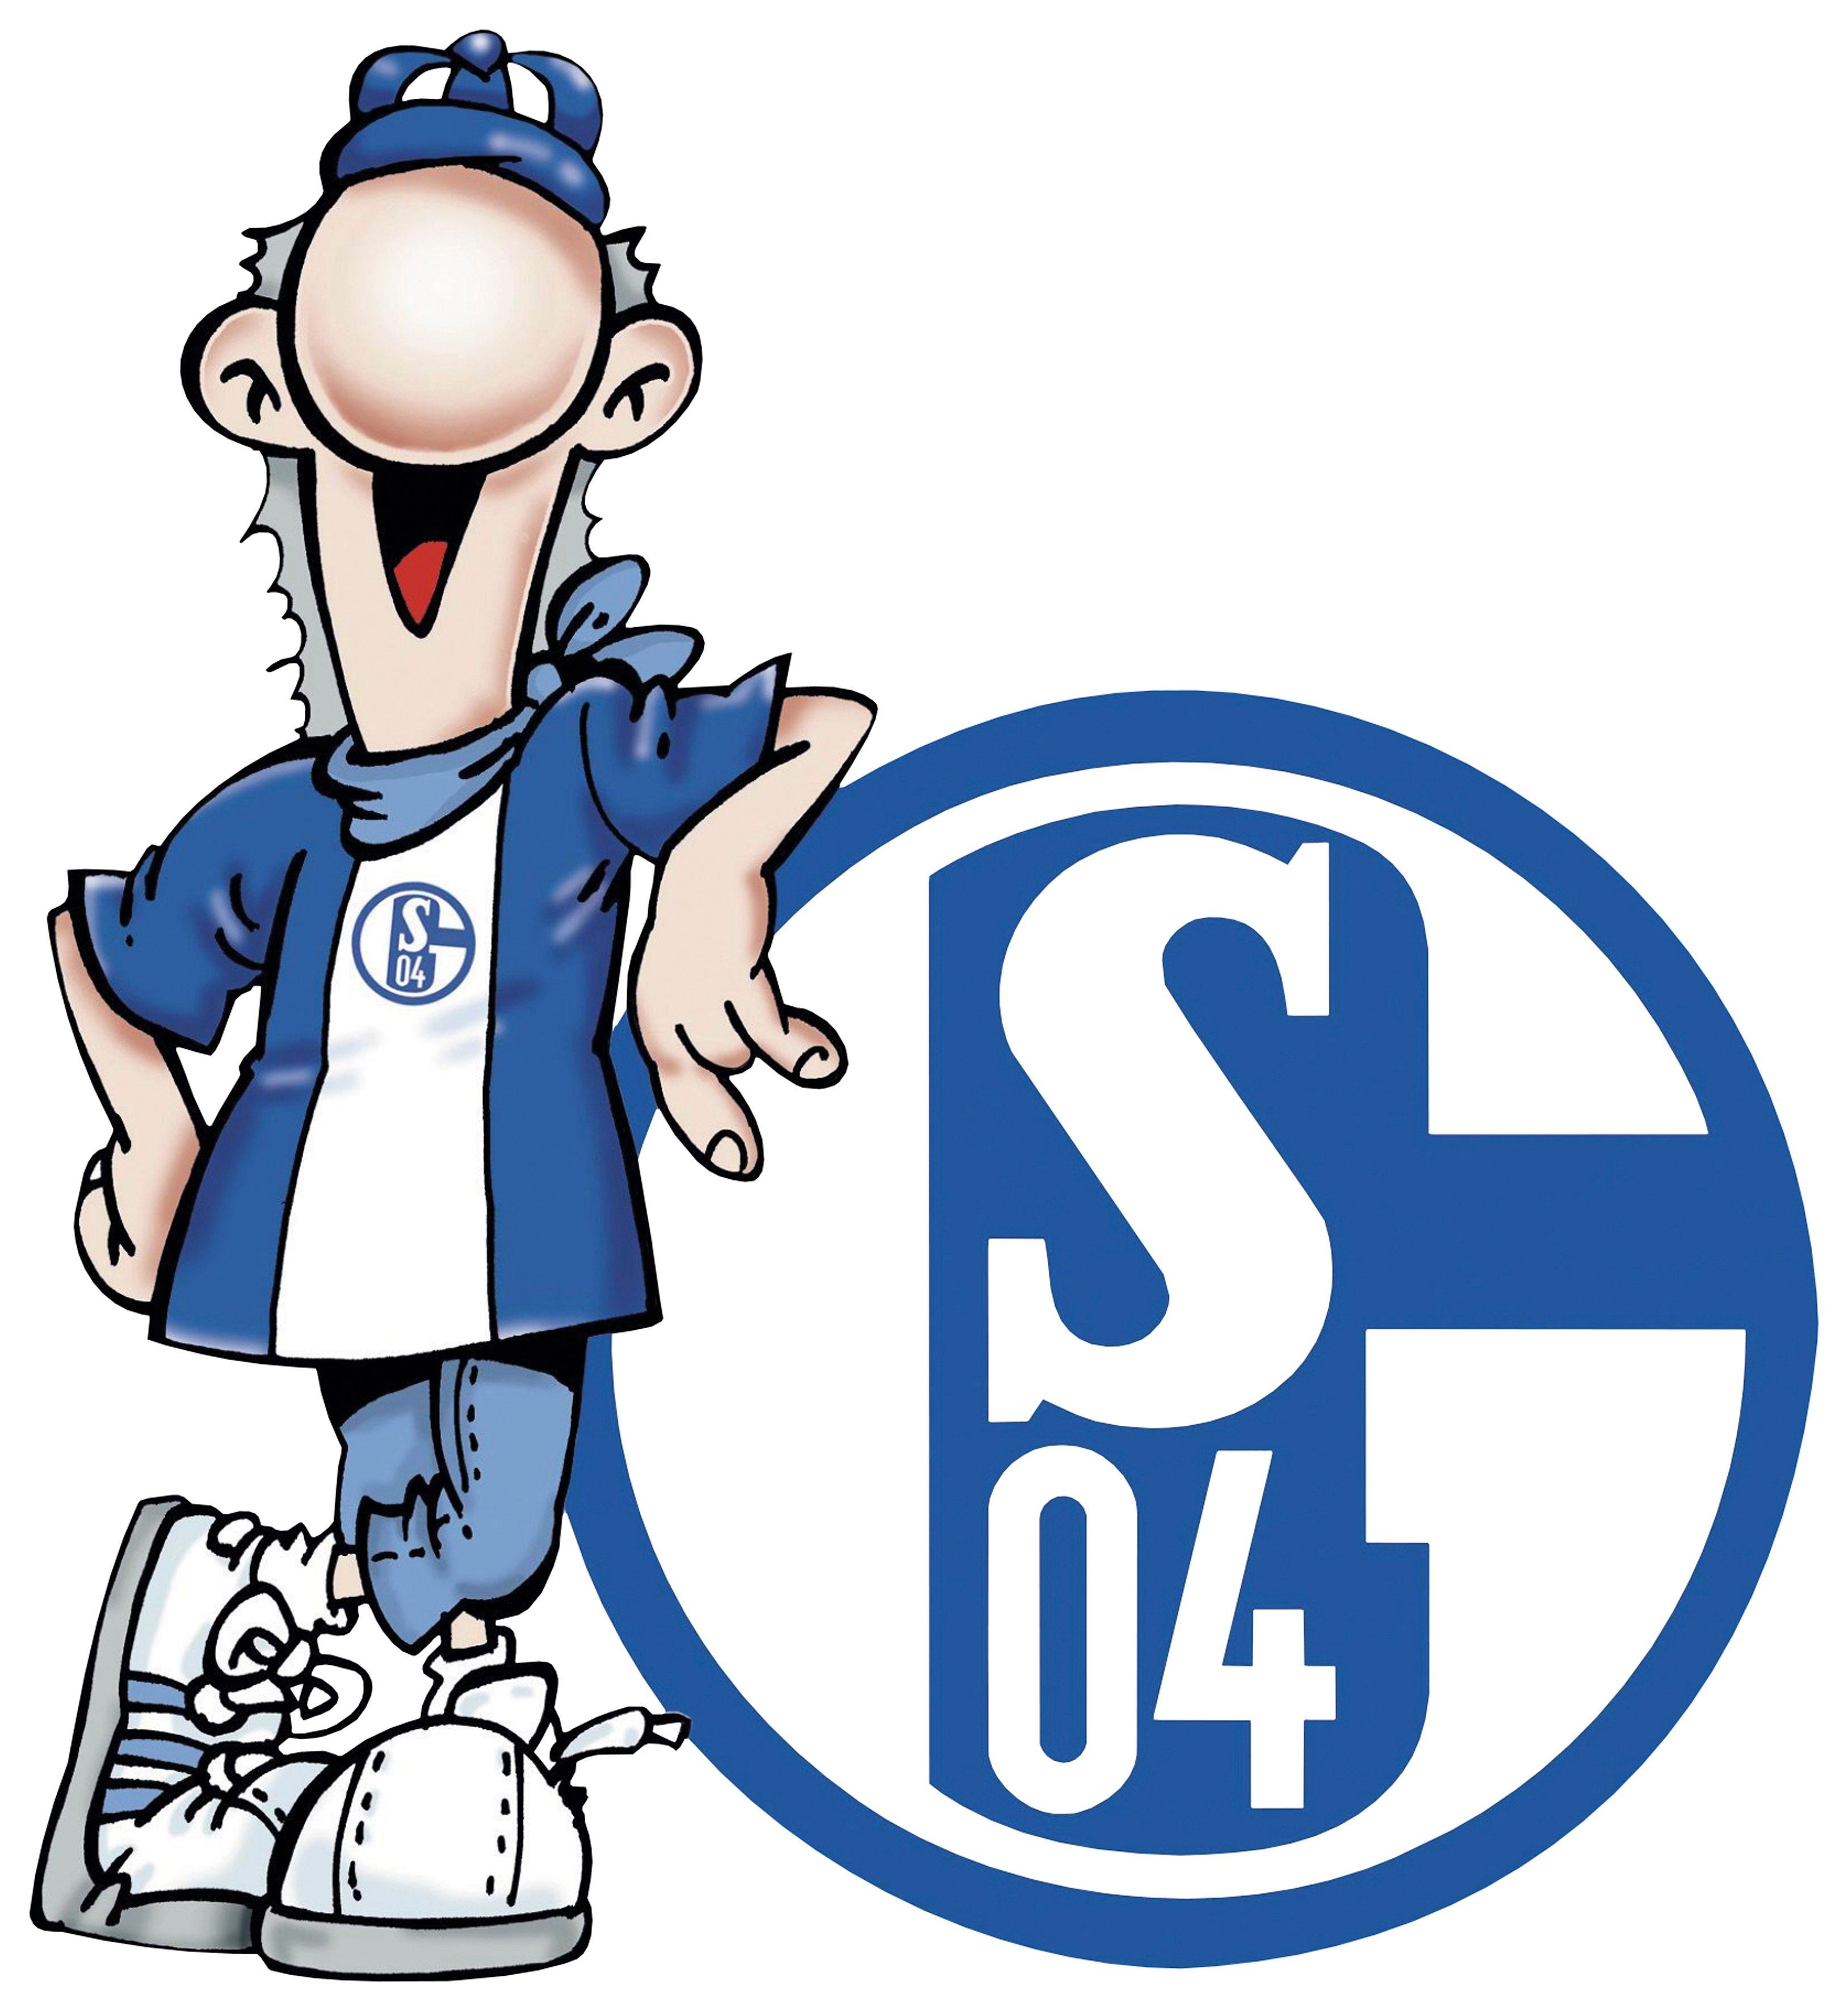 Home affaire Wandtattoo »Schalke 04 Erwin«, 50/55 cm